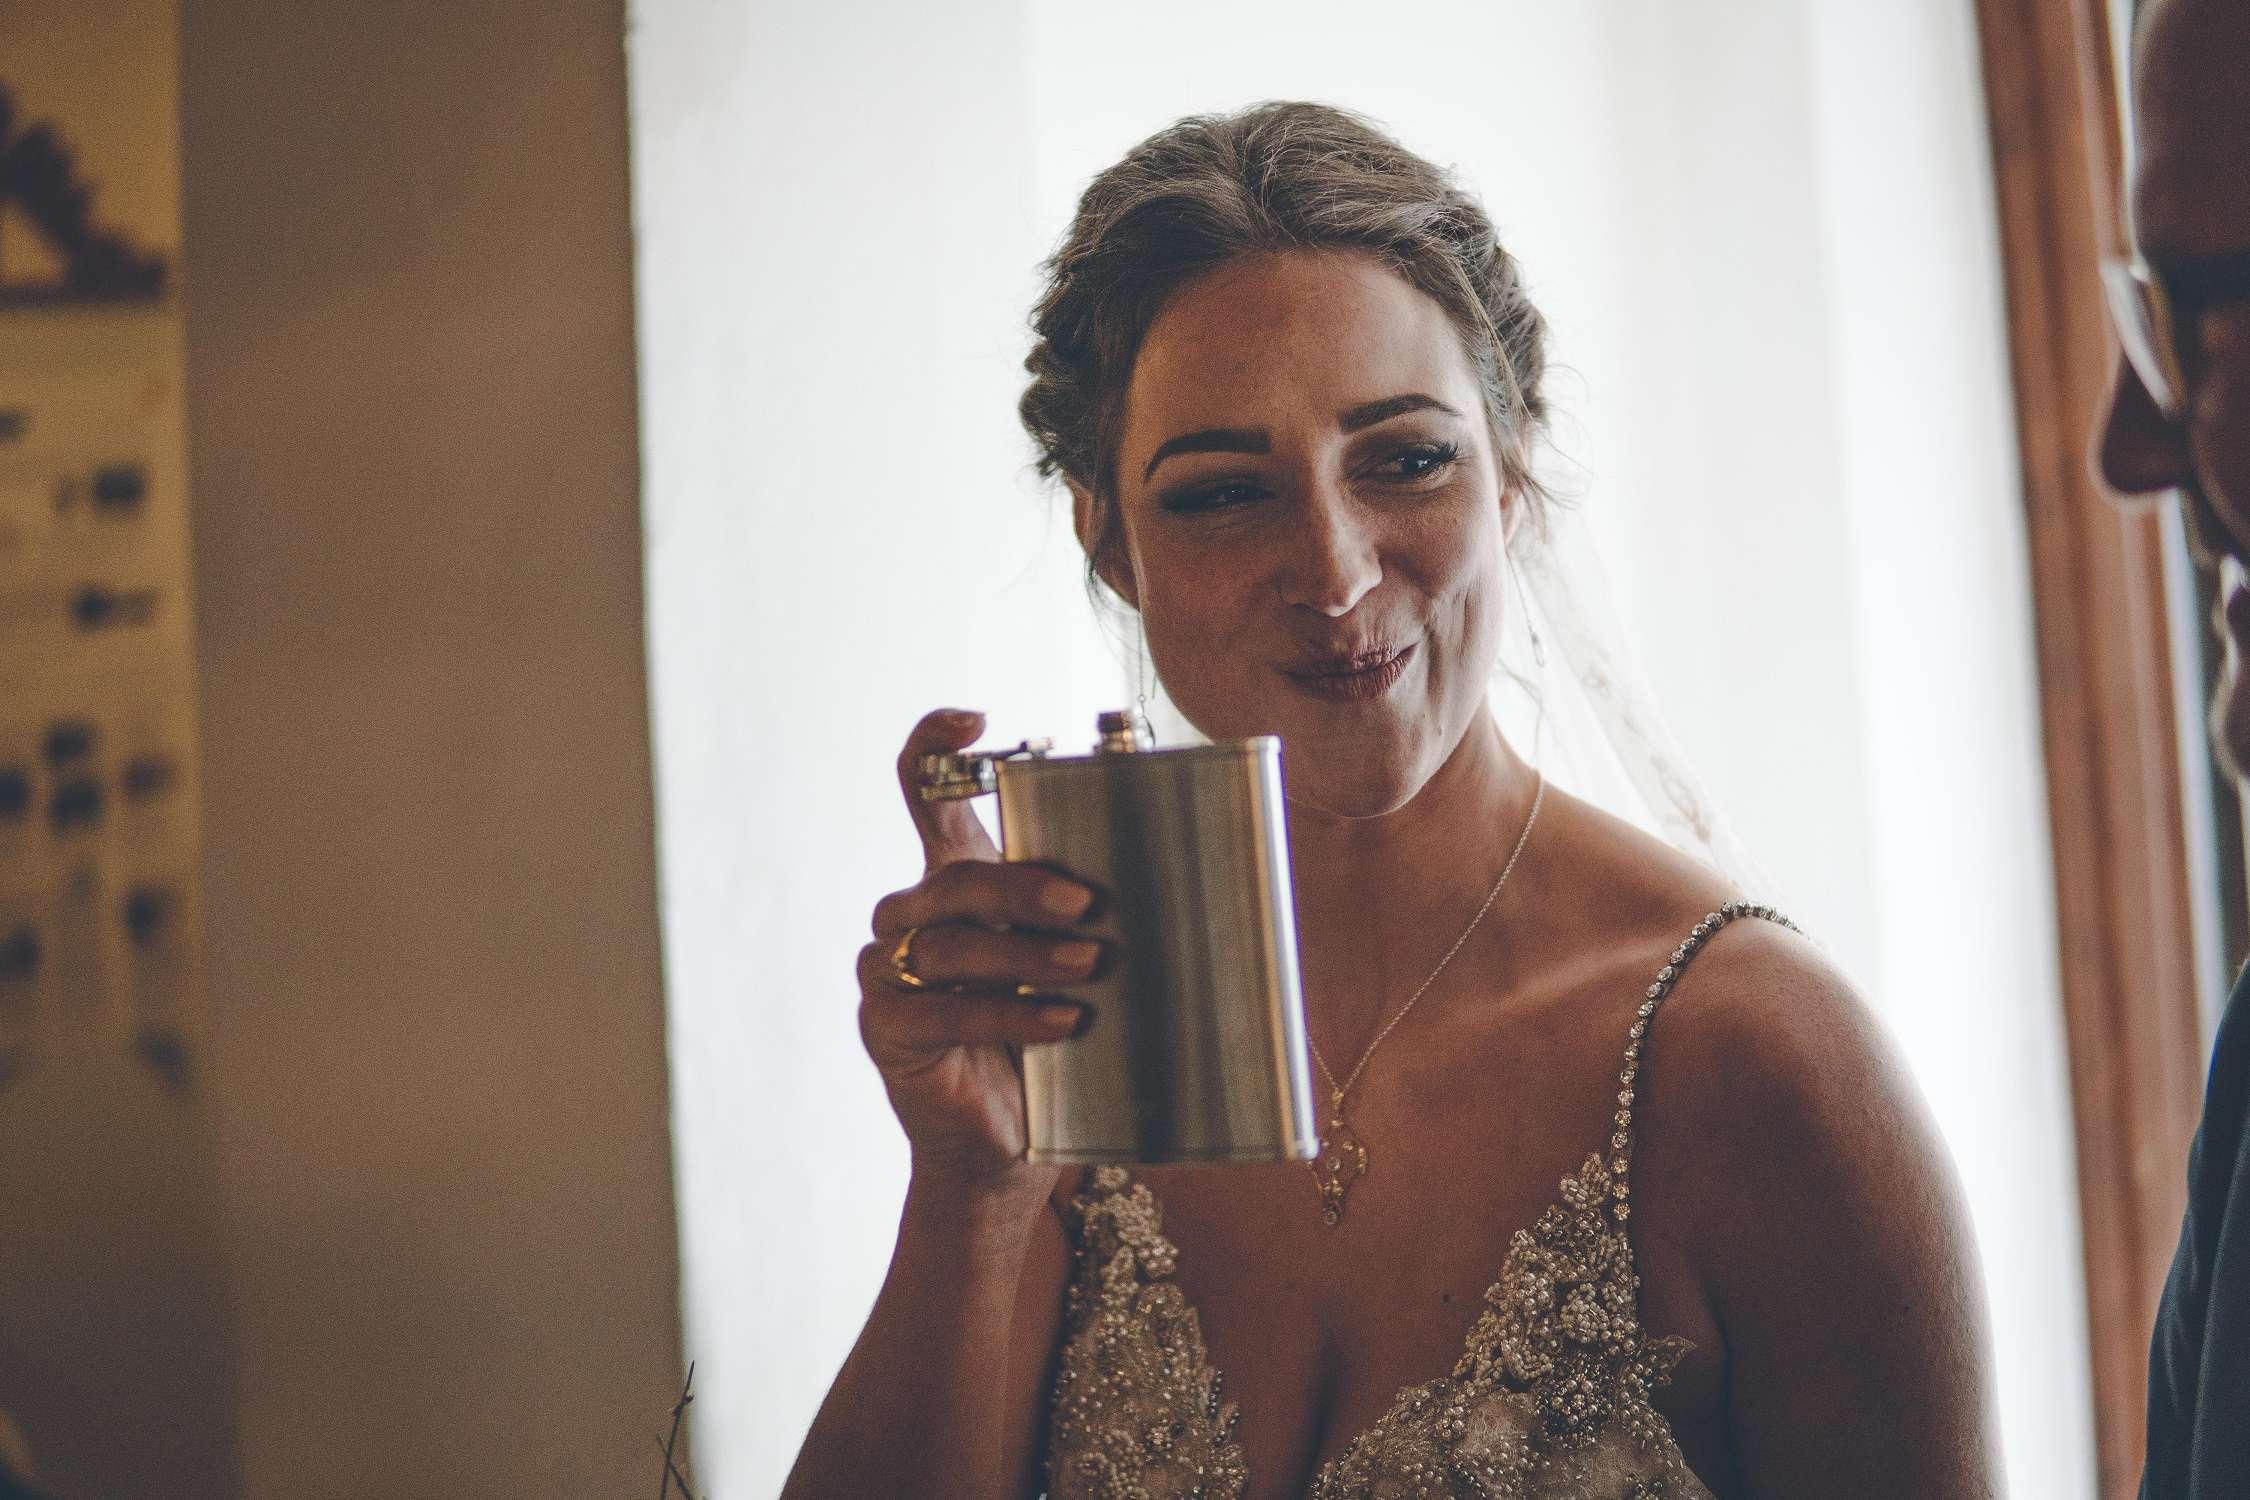 Braut vor der Hochzeit trinkt aus einem Flachmann